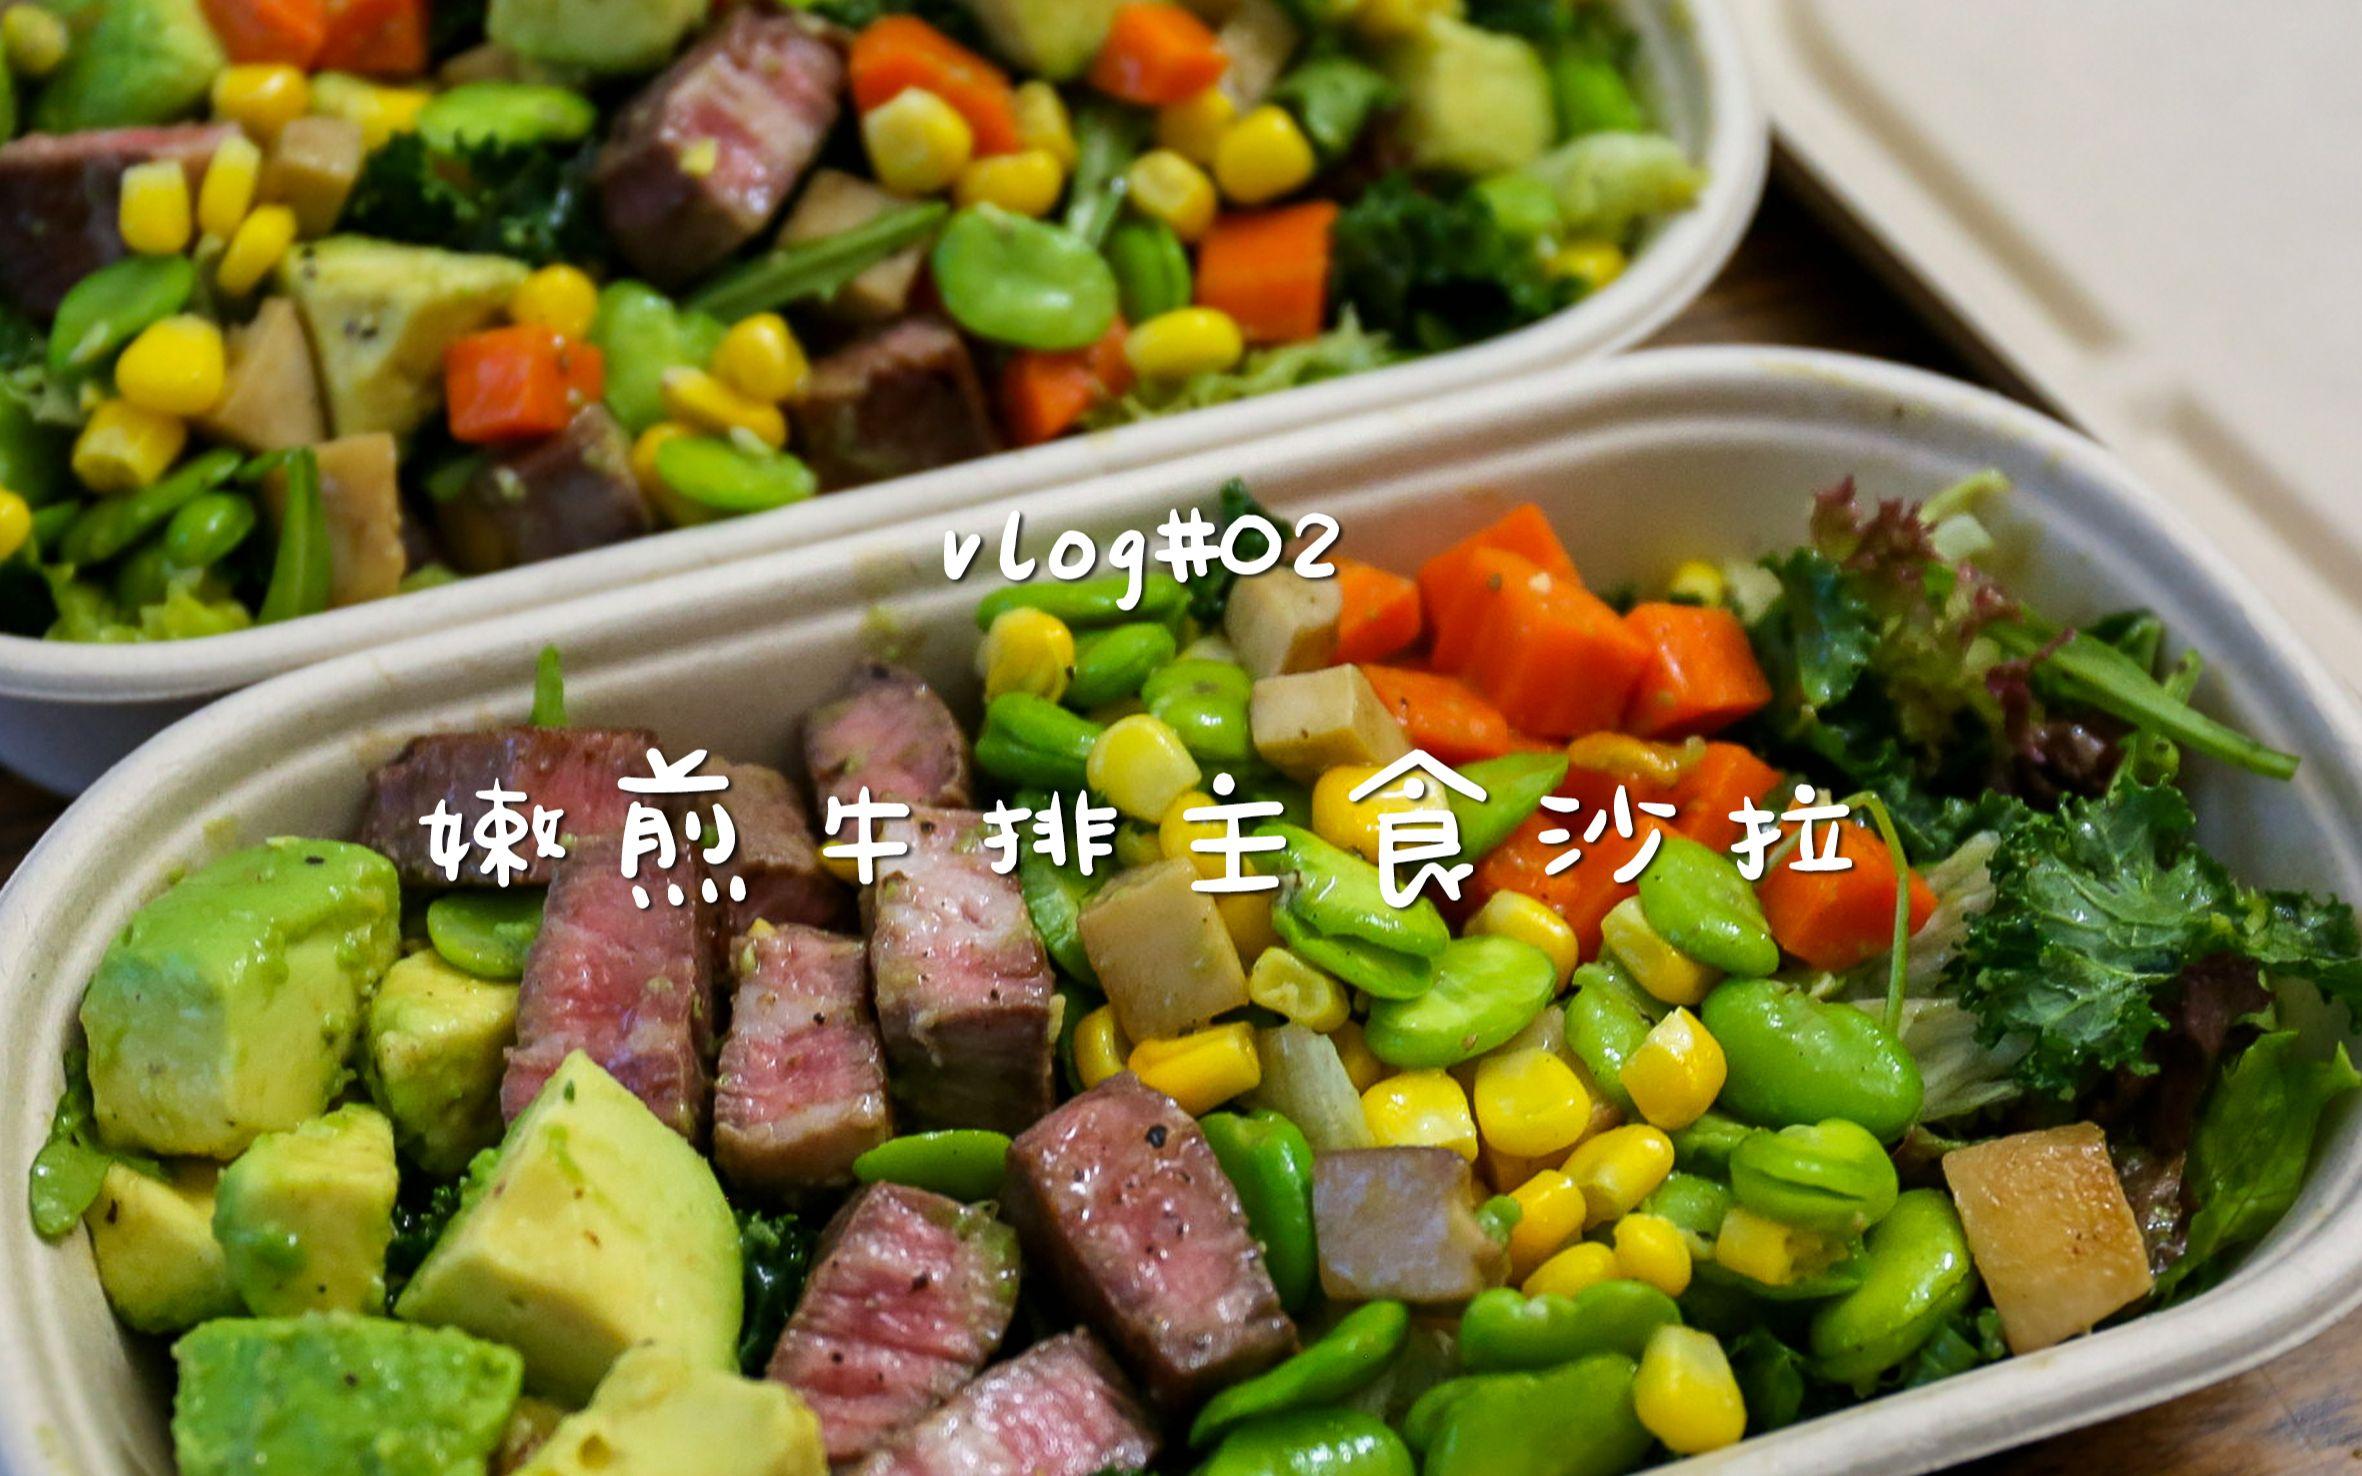 【迷特波鲁】vlog#02 嫩煎牛排主食沙拉